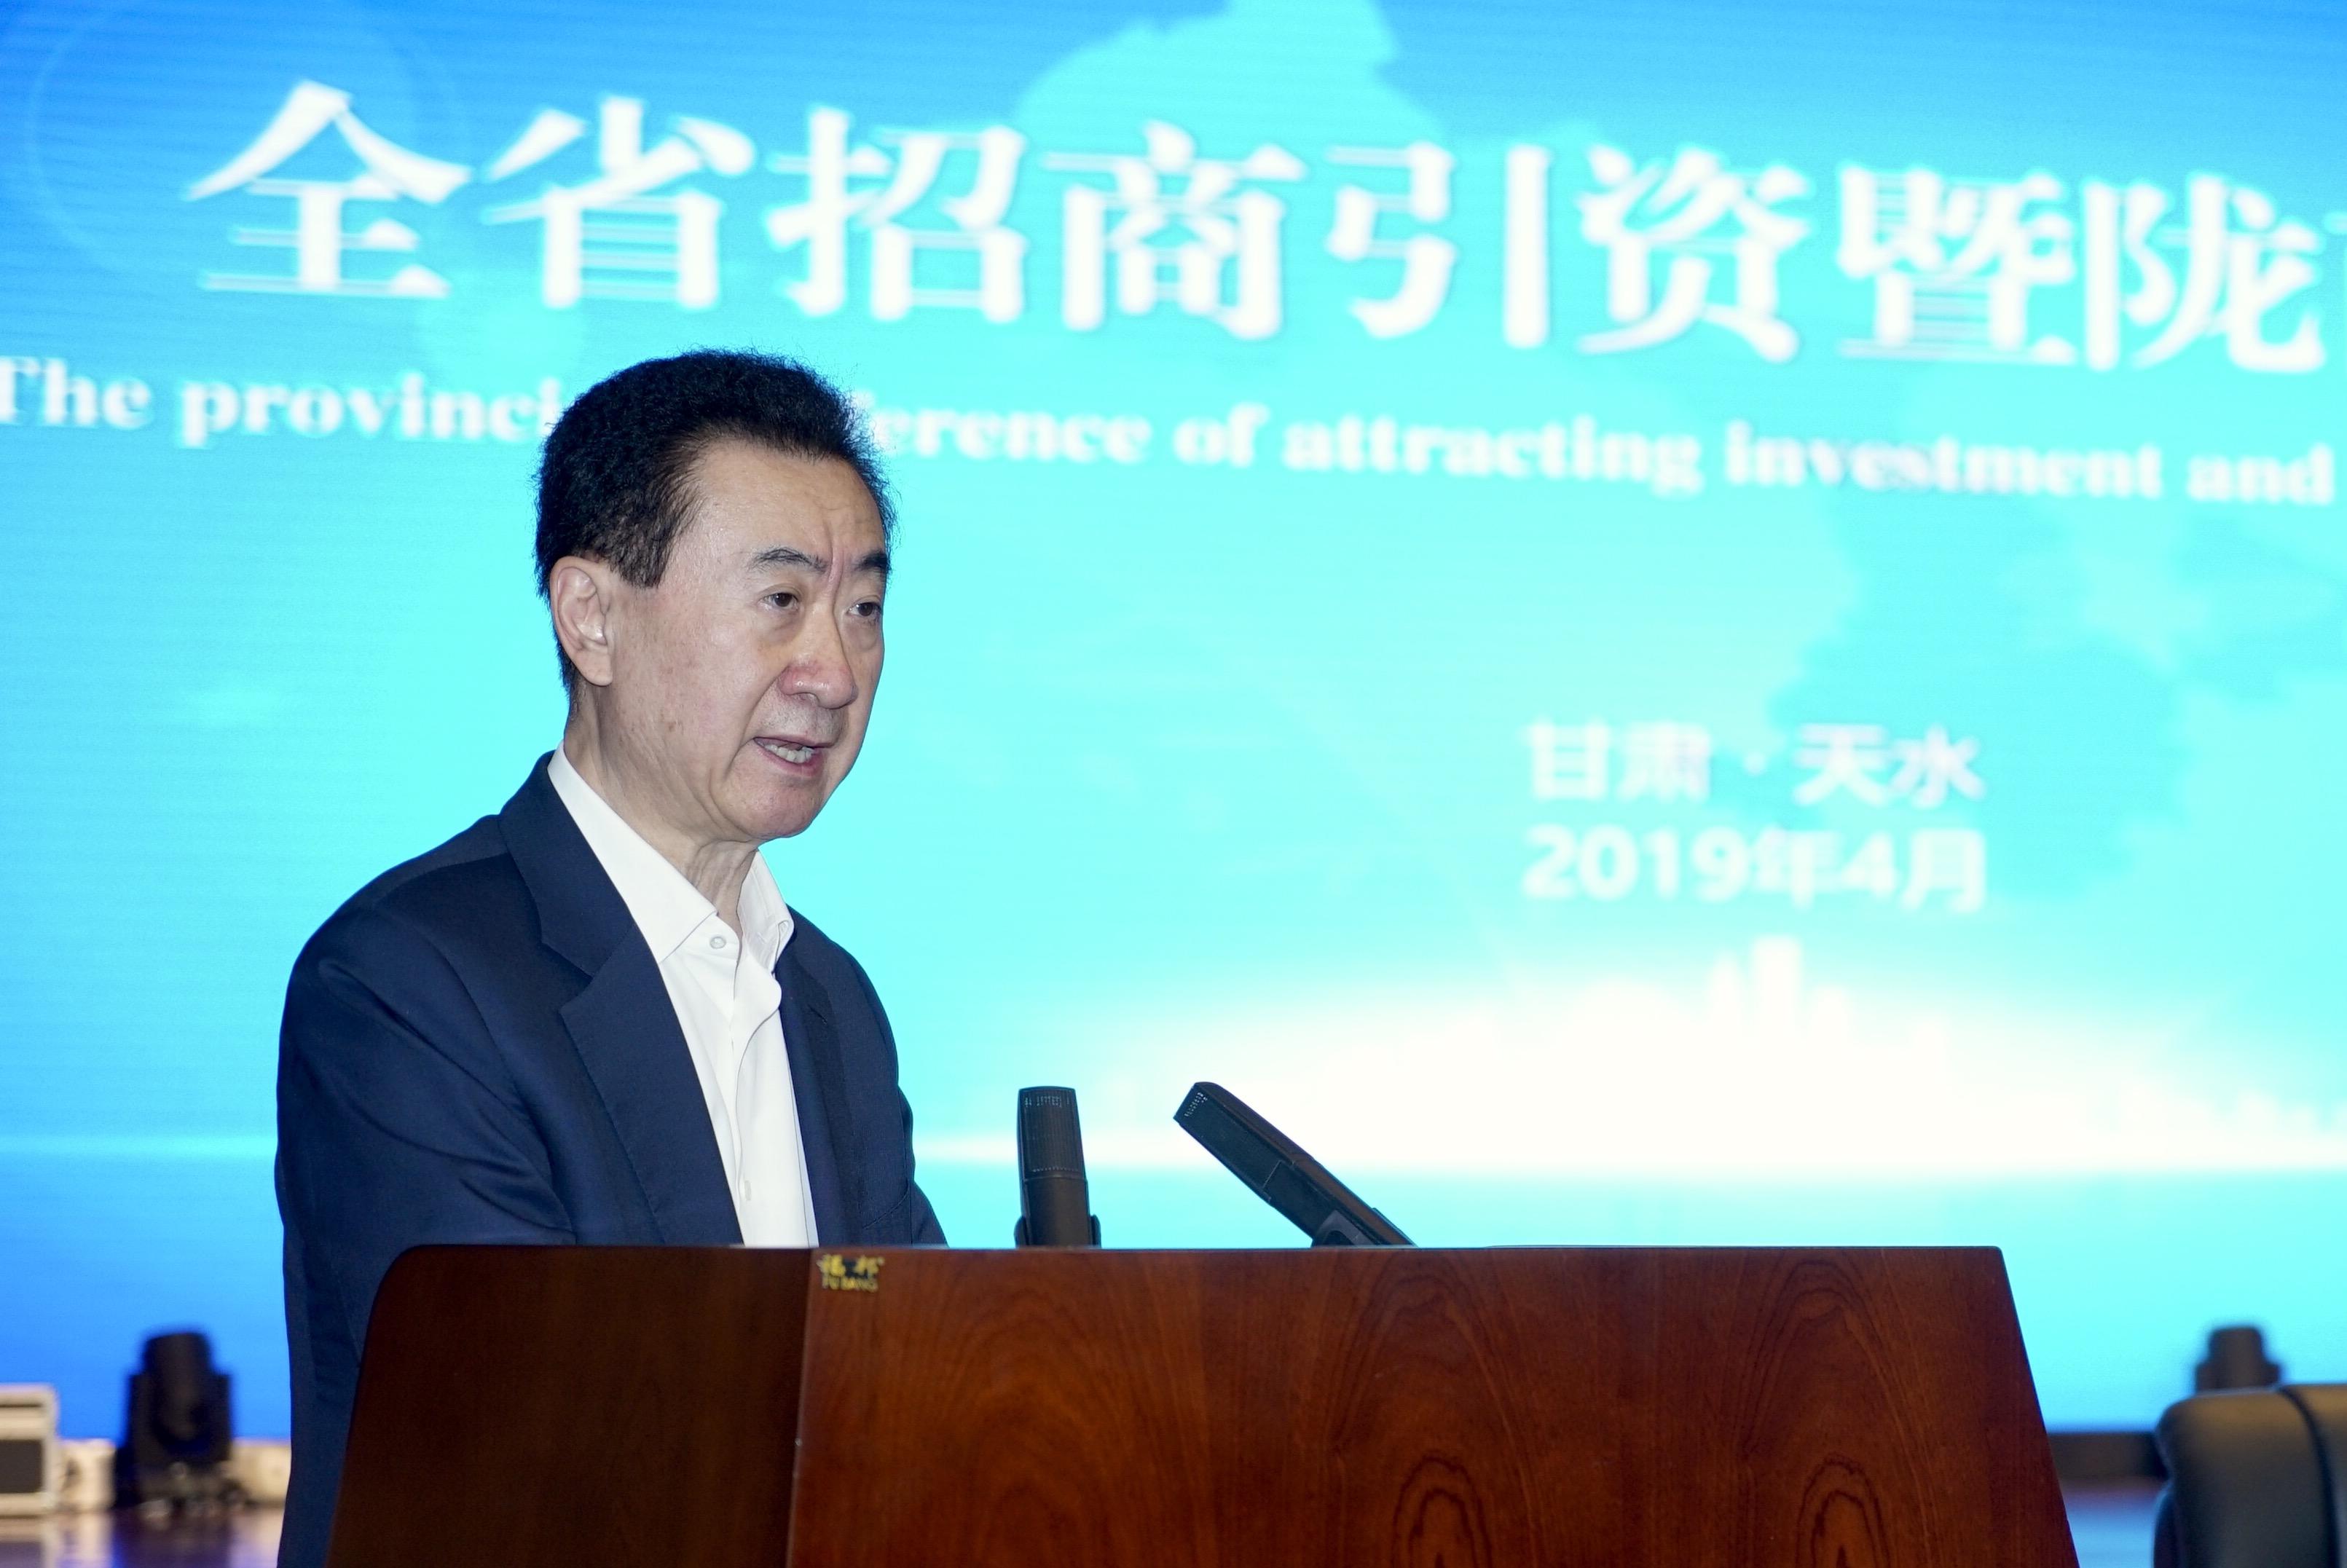 王健林董事长出席甘肃省招商引资暨陇商大会并发表演讲